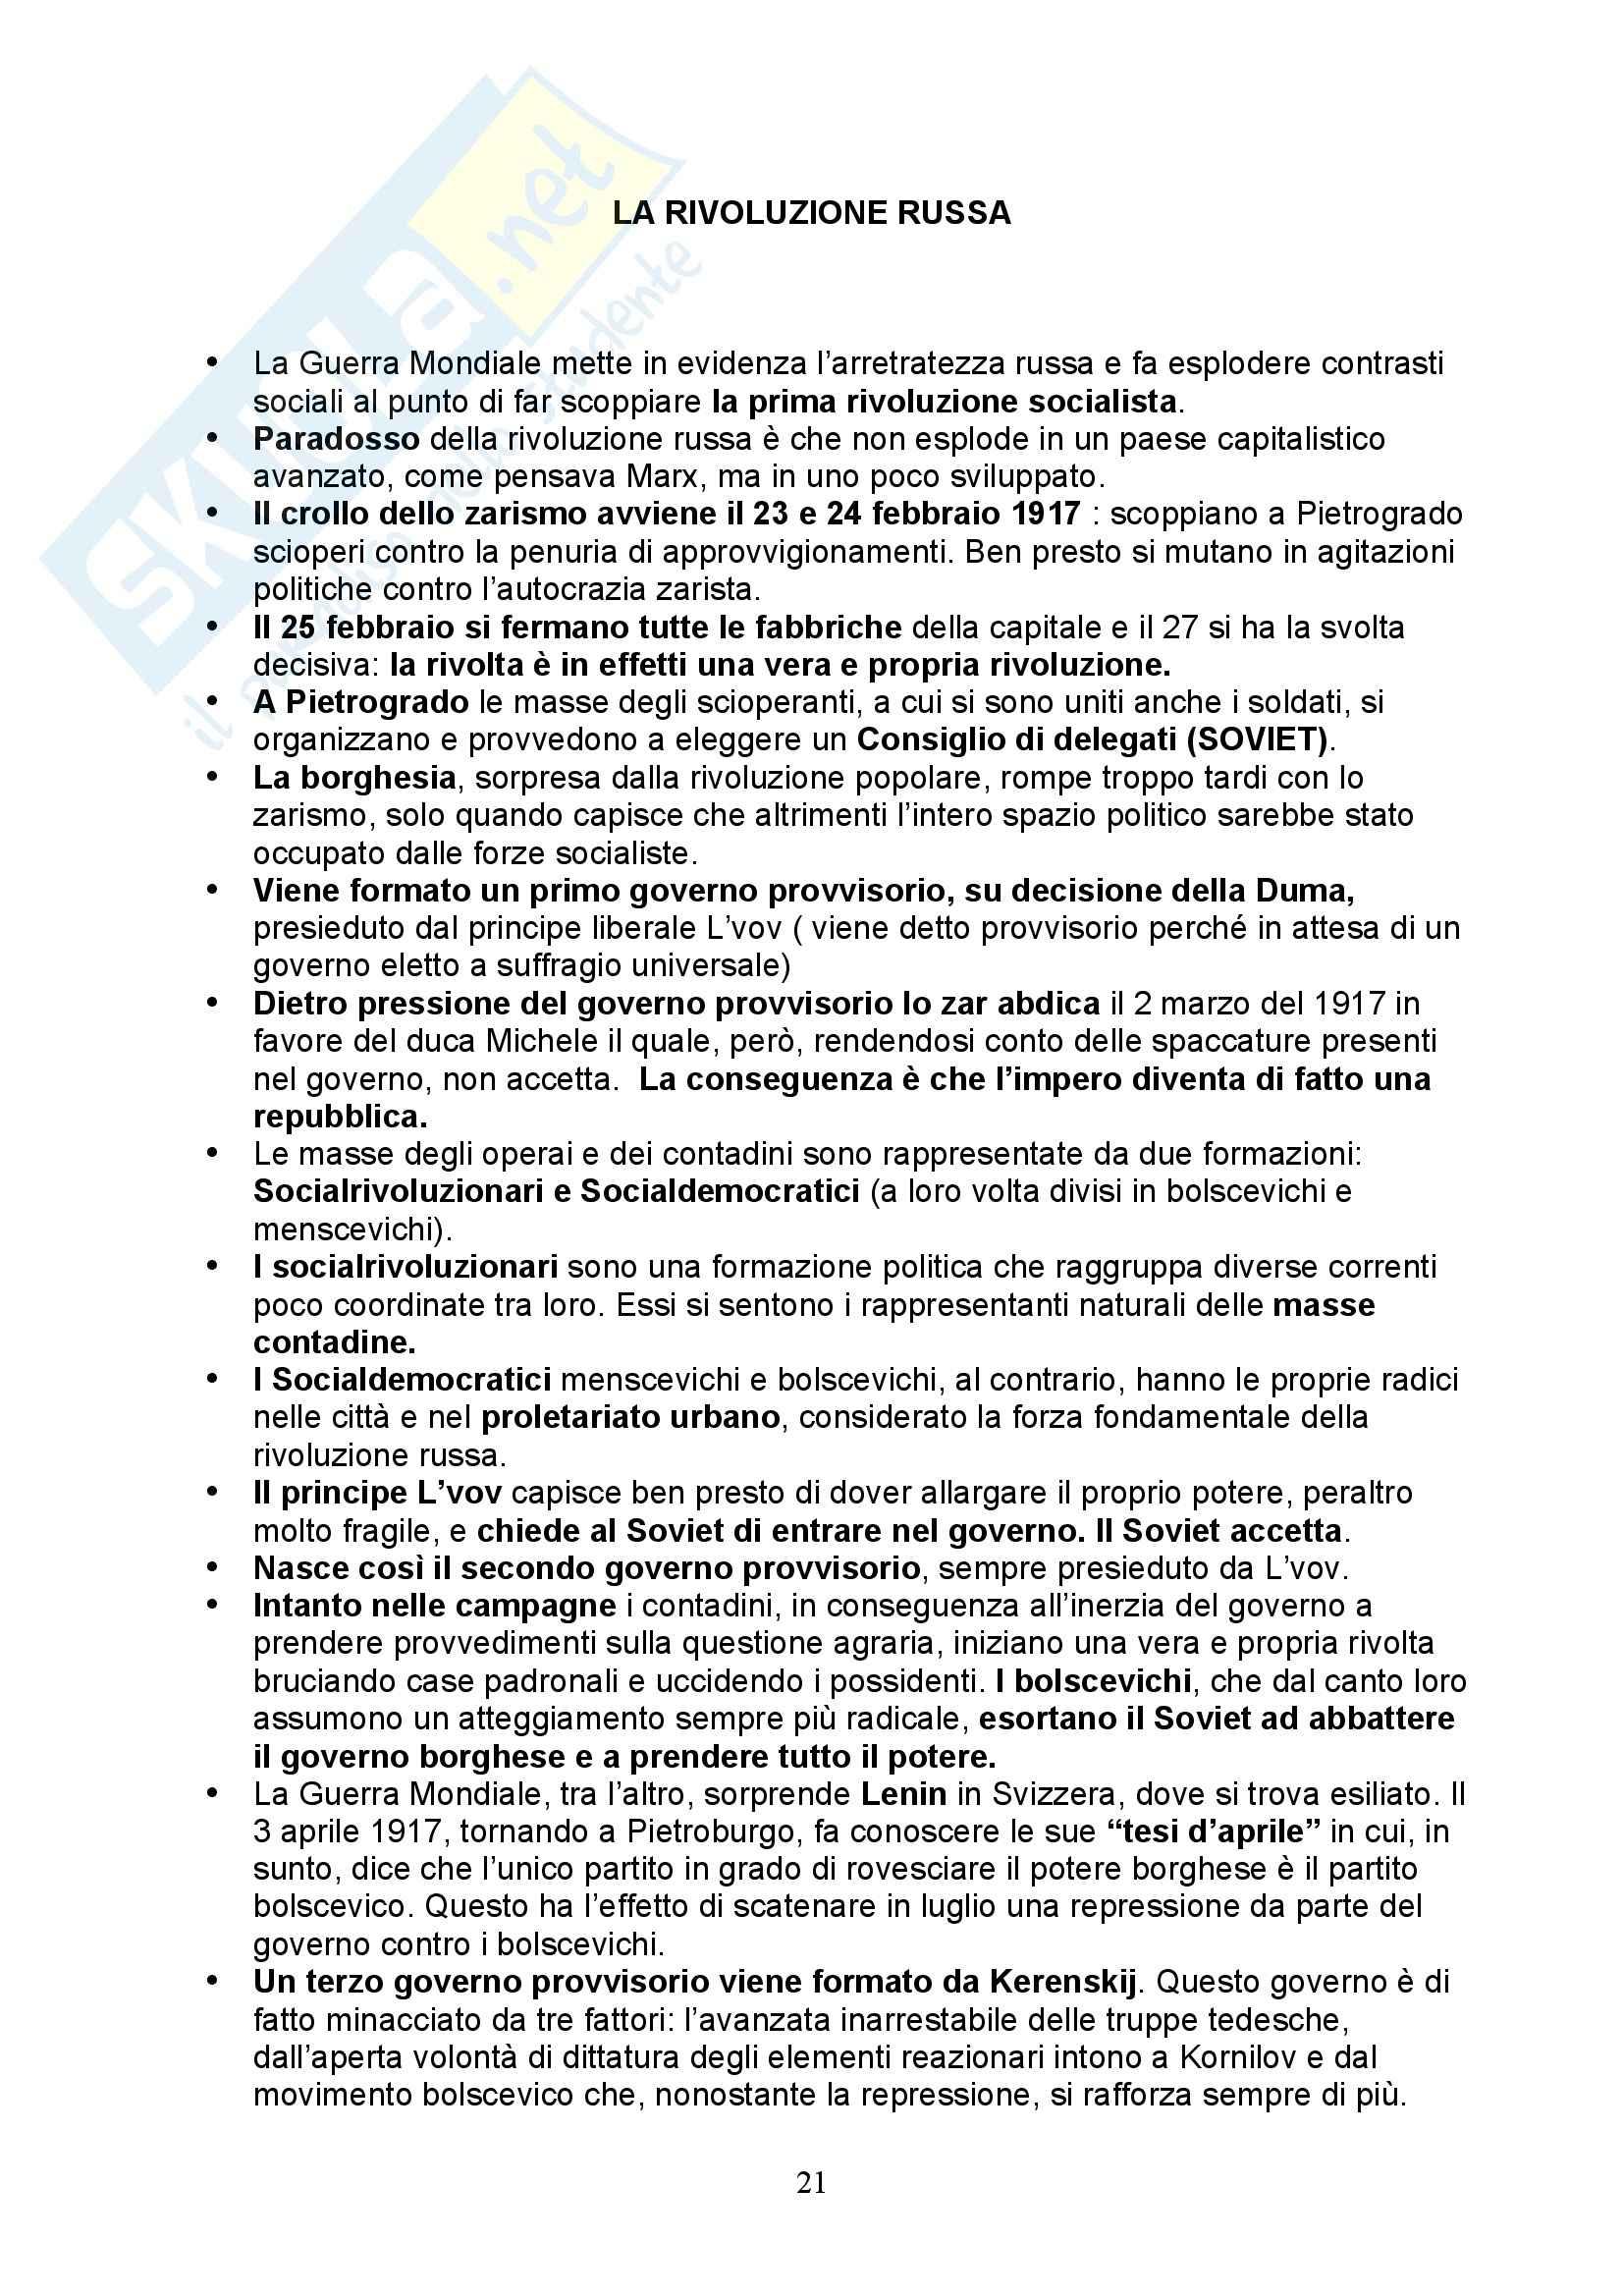 Storia Contemporanea - dall'unità d'Italia al secondo dopoguerra Pag. 21